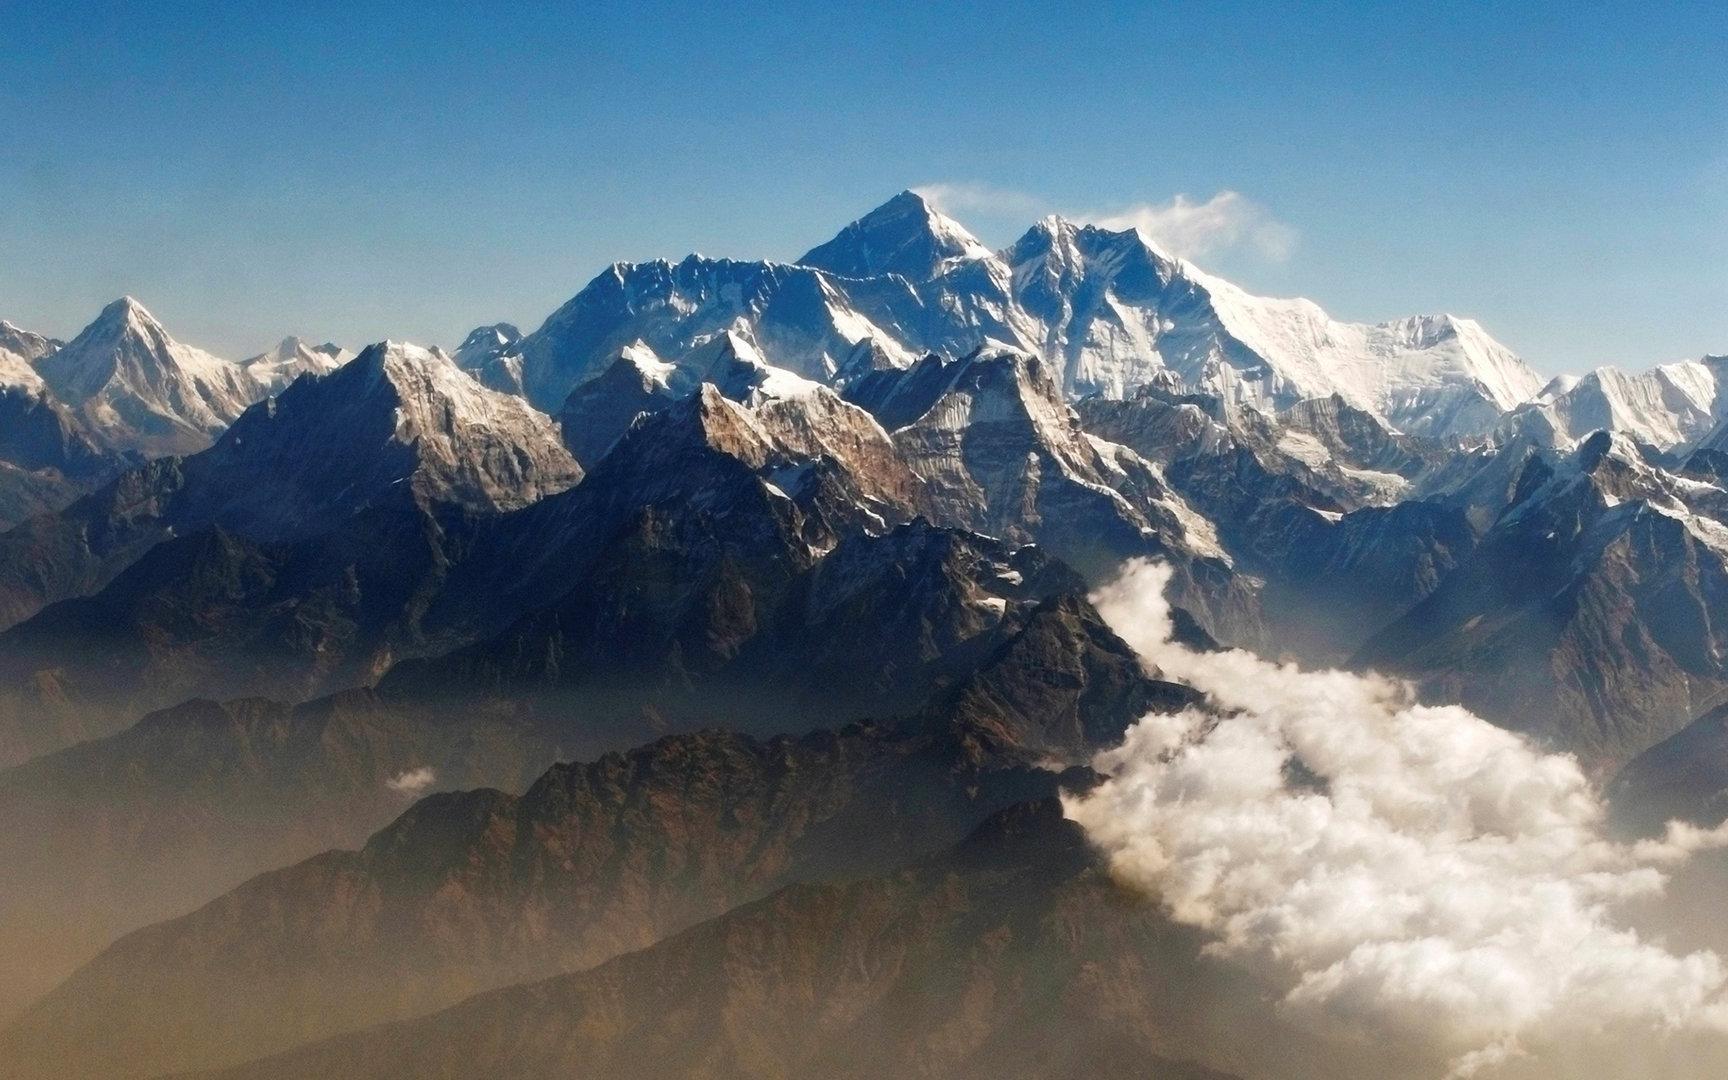 какая гора занимает 6 место по высоте